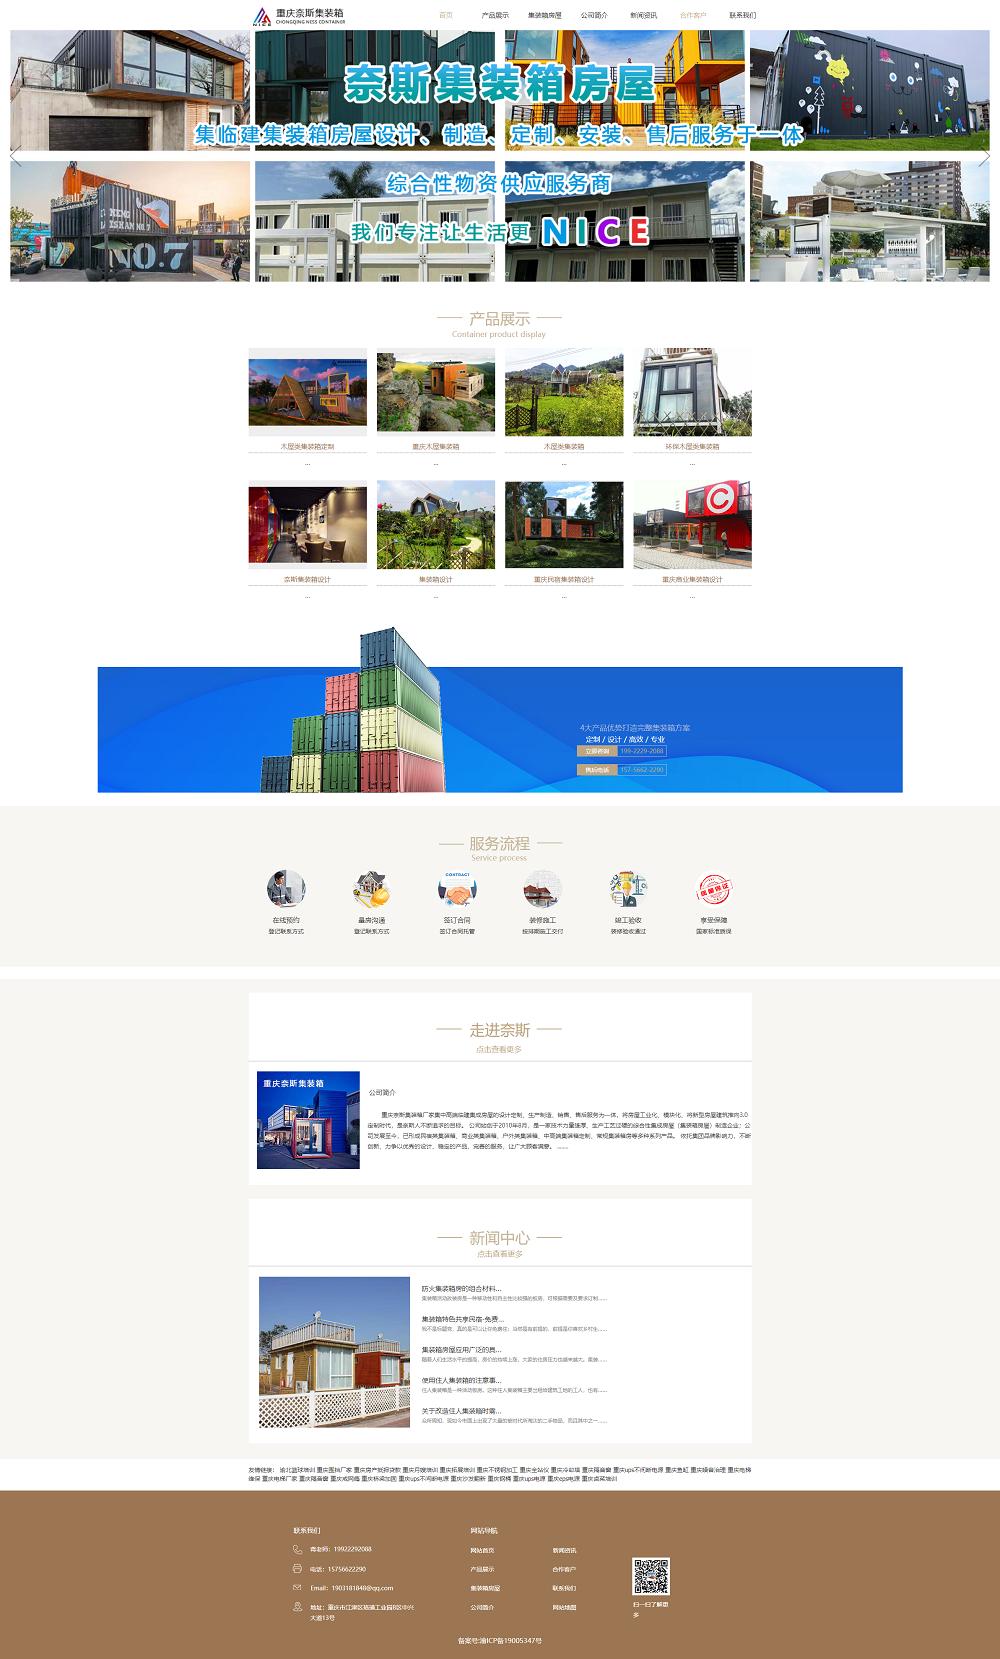 重庆奈斯集装箱厂家网站建设案例